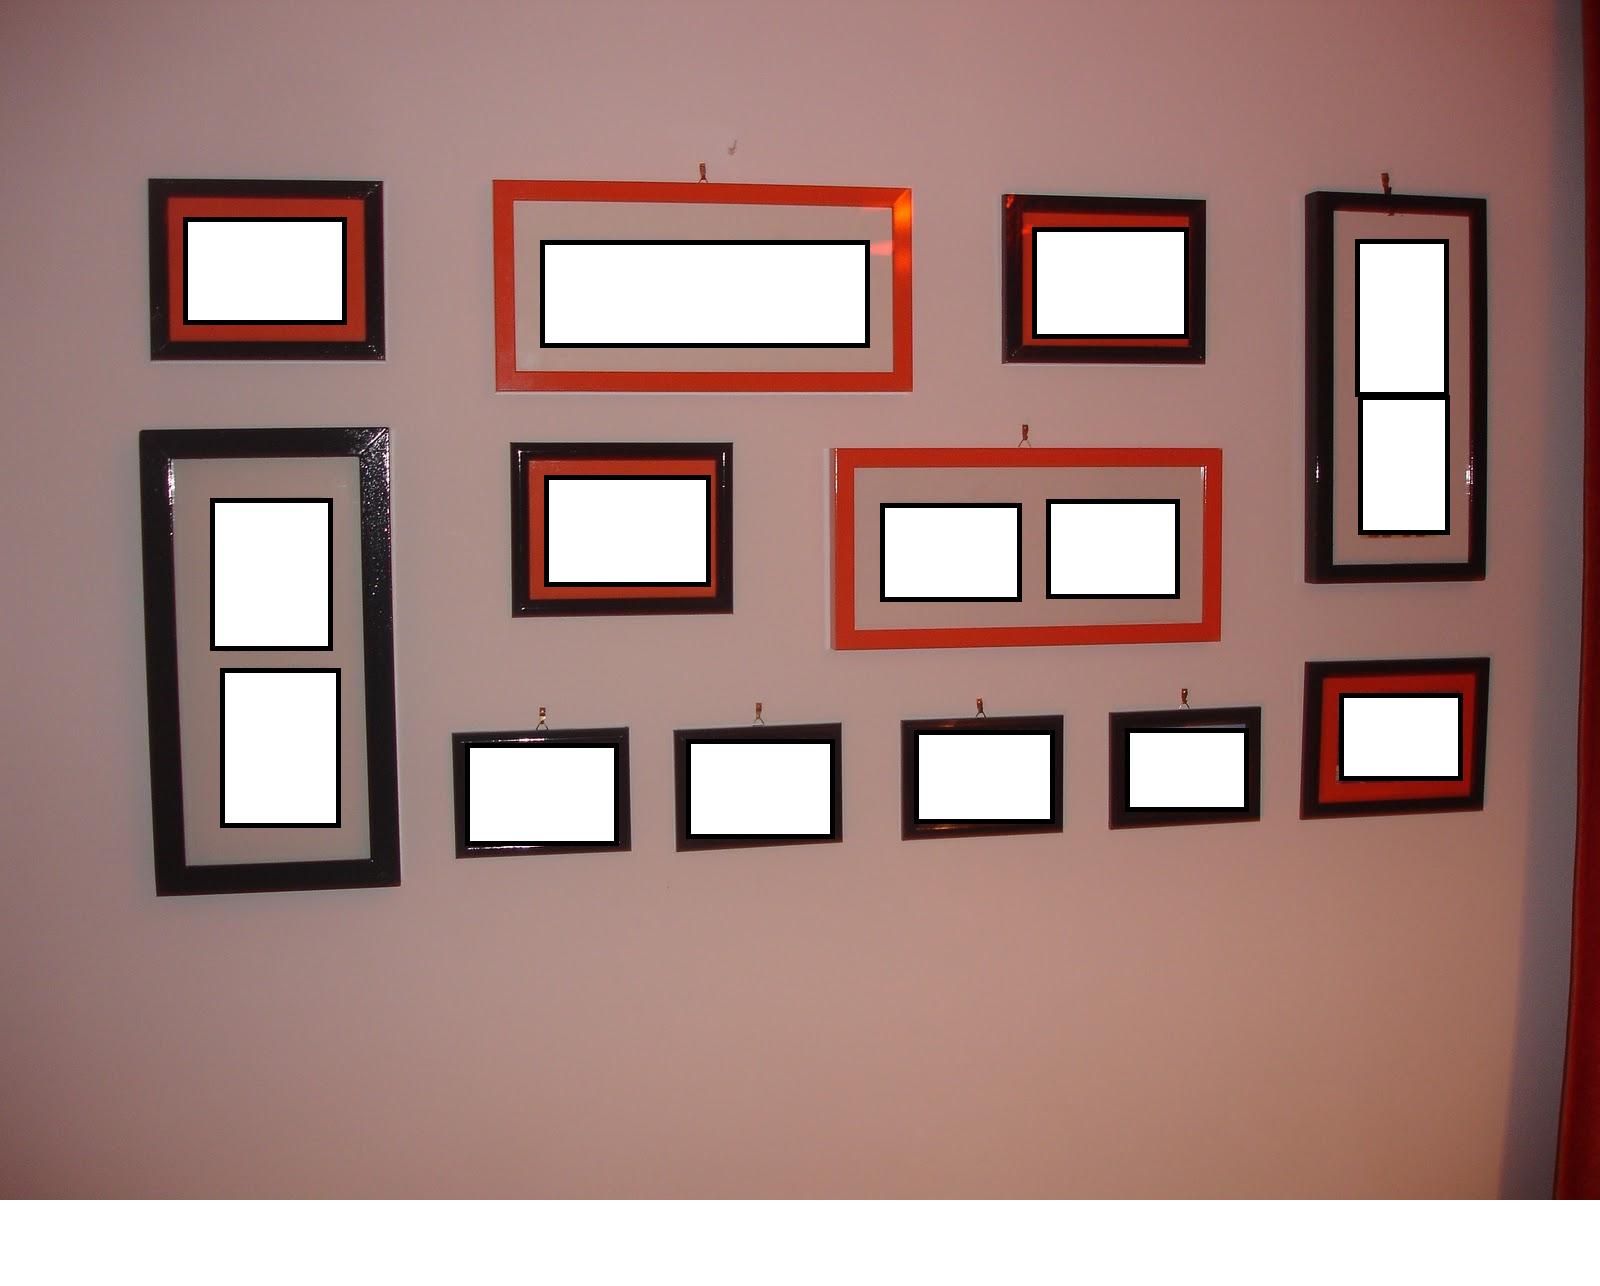 Coisas l de casa ideia para decorar paredes - Molduras para paredes ...